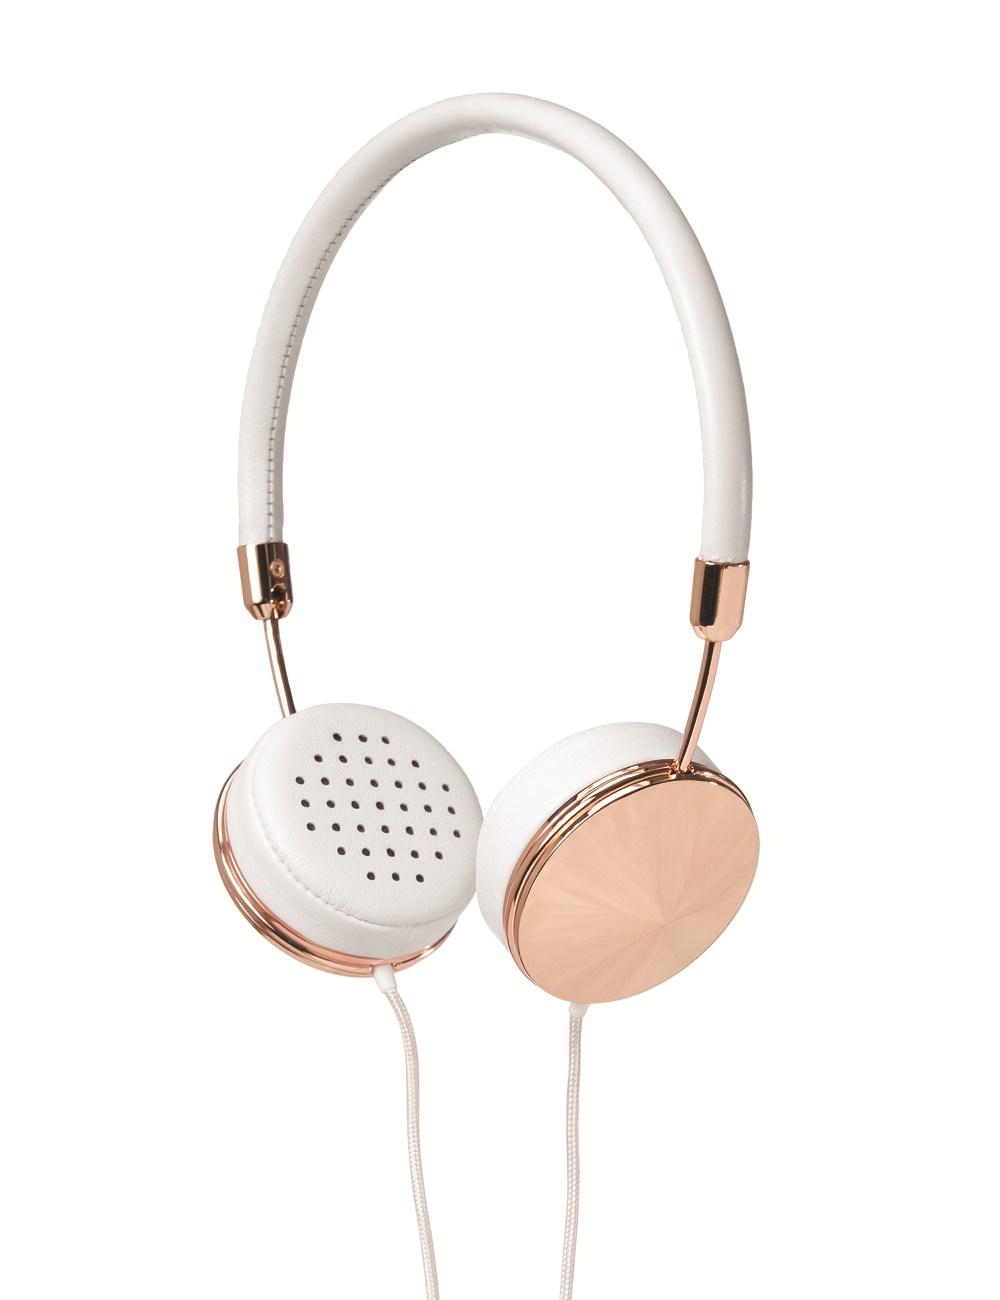 The Leyla Headphones